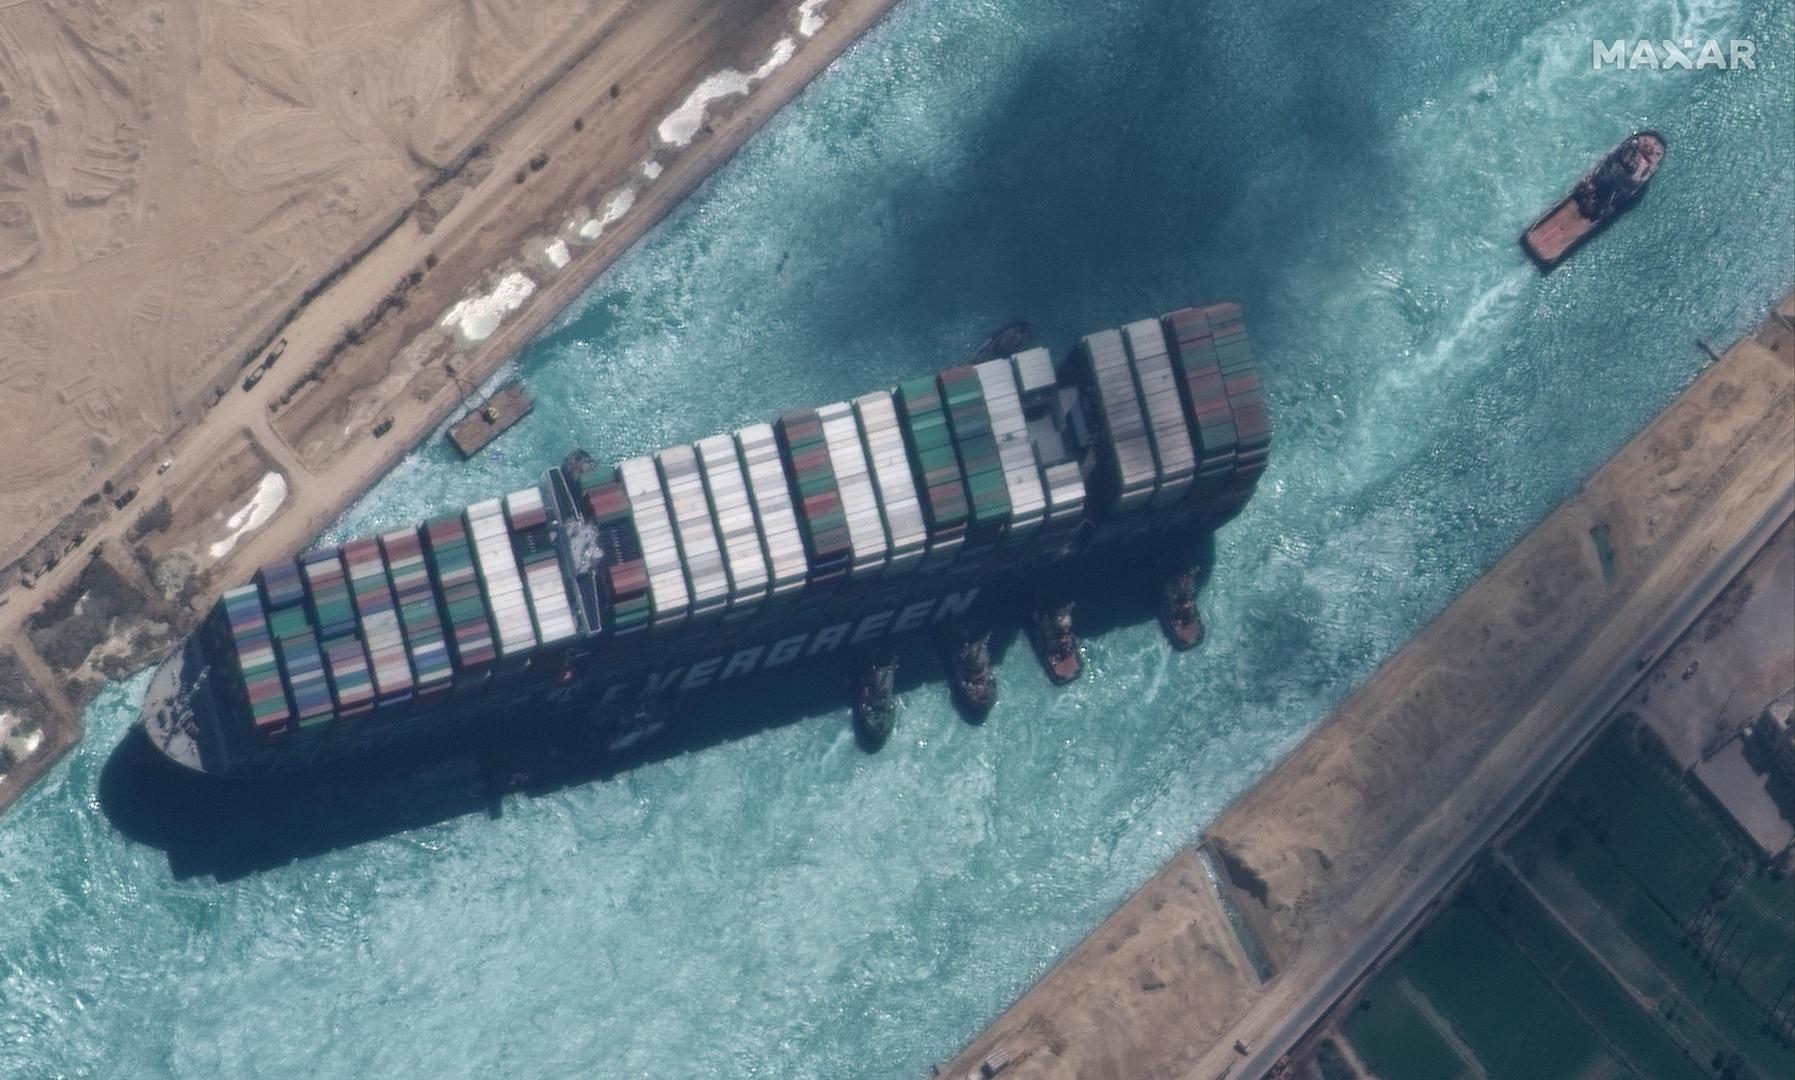 الكشف عن قيمة التعويضات التي طلبتها مصر من السفينة البنمية بعد اكتشاف حملها مواد خطرة